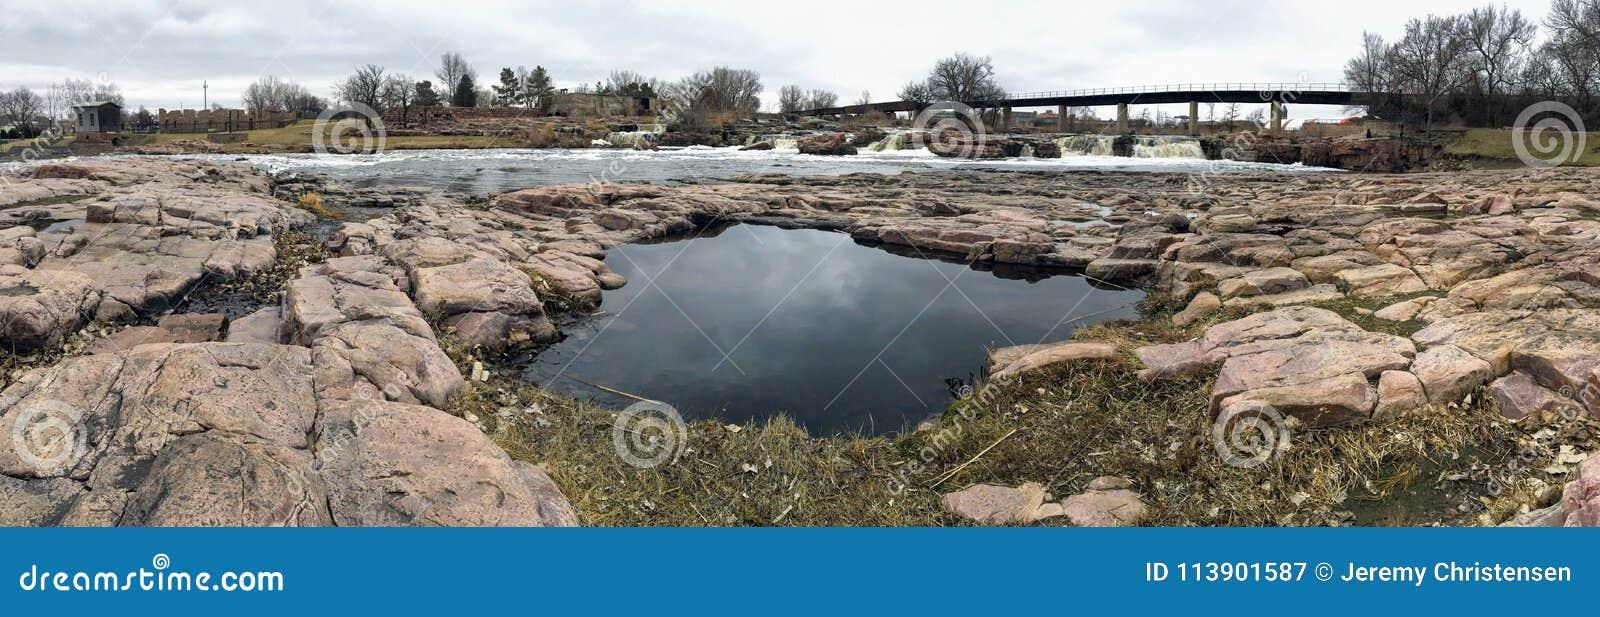 Slå samman reflexionen av himlen med den stora Sioux River i Sioux Falls South Dakota med sikter av djurliv, fördärvar, parkerar